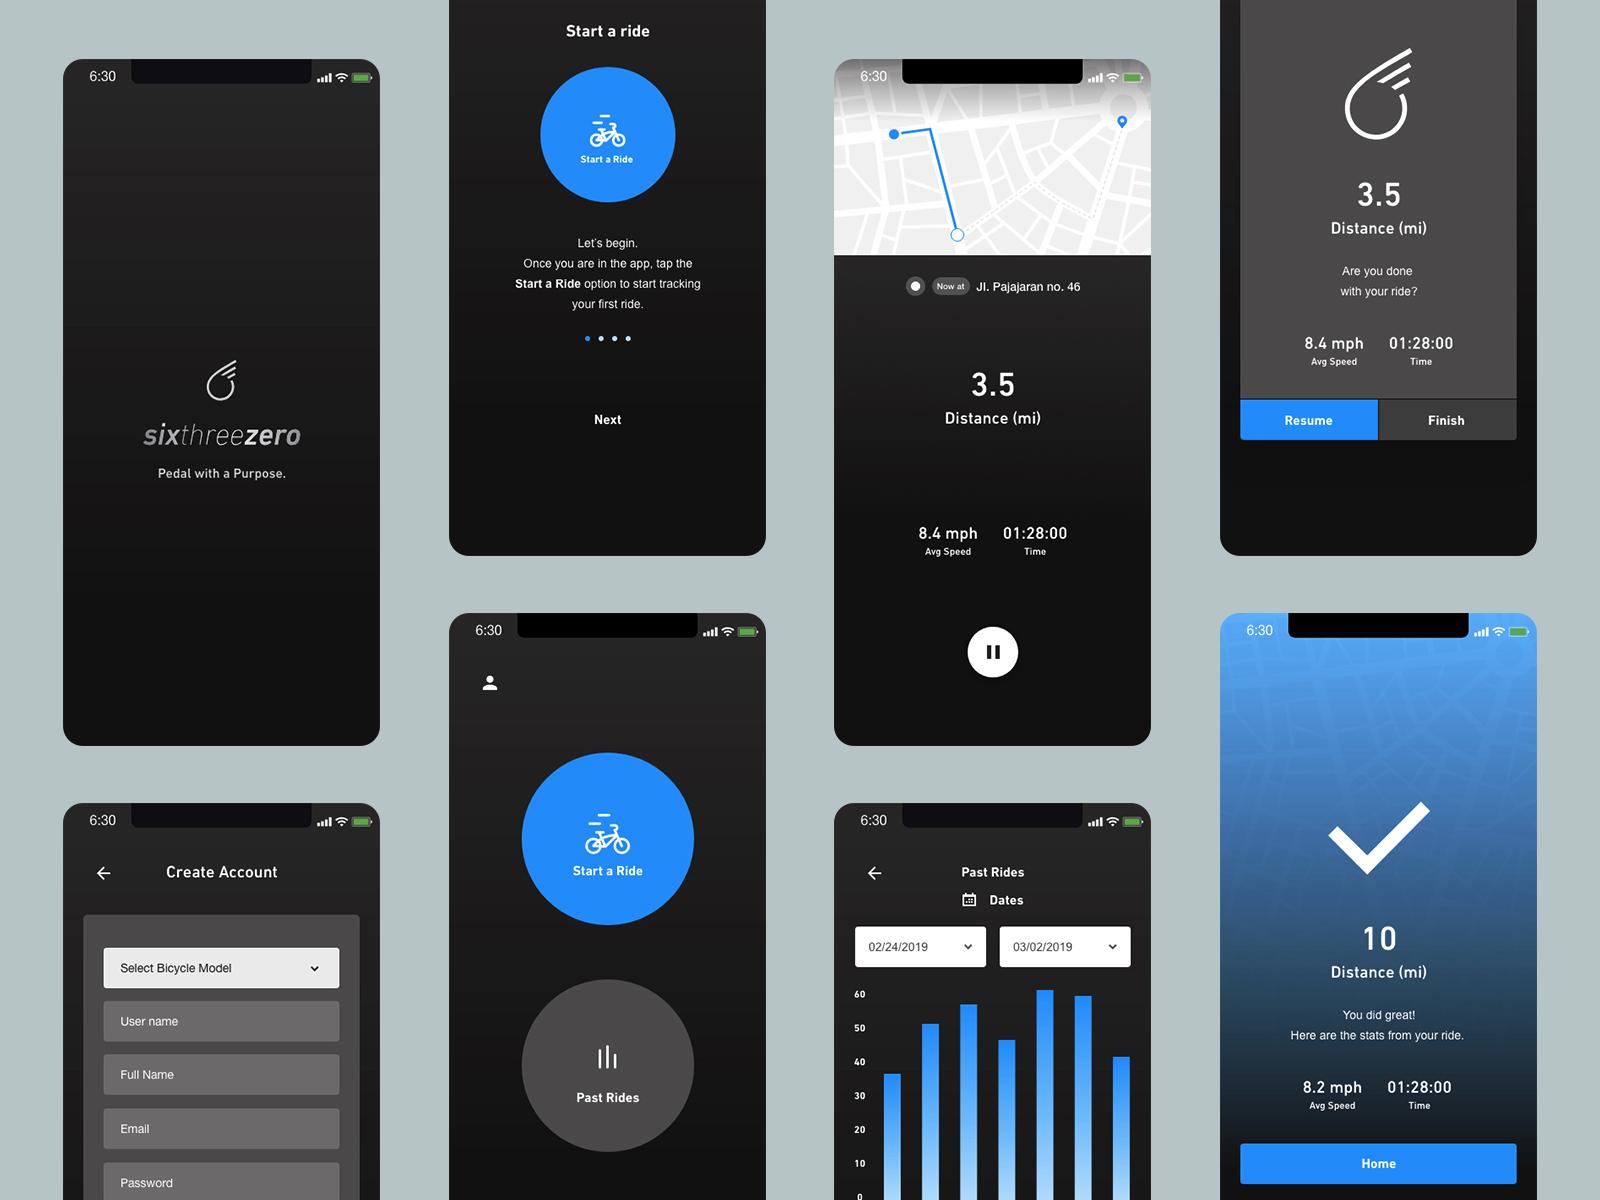 Sixthreezero app development